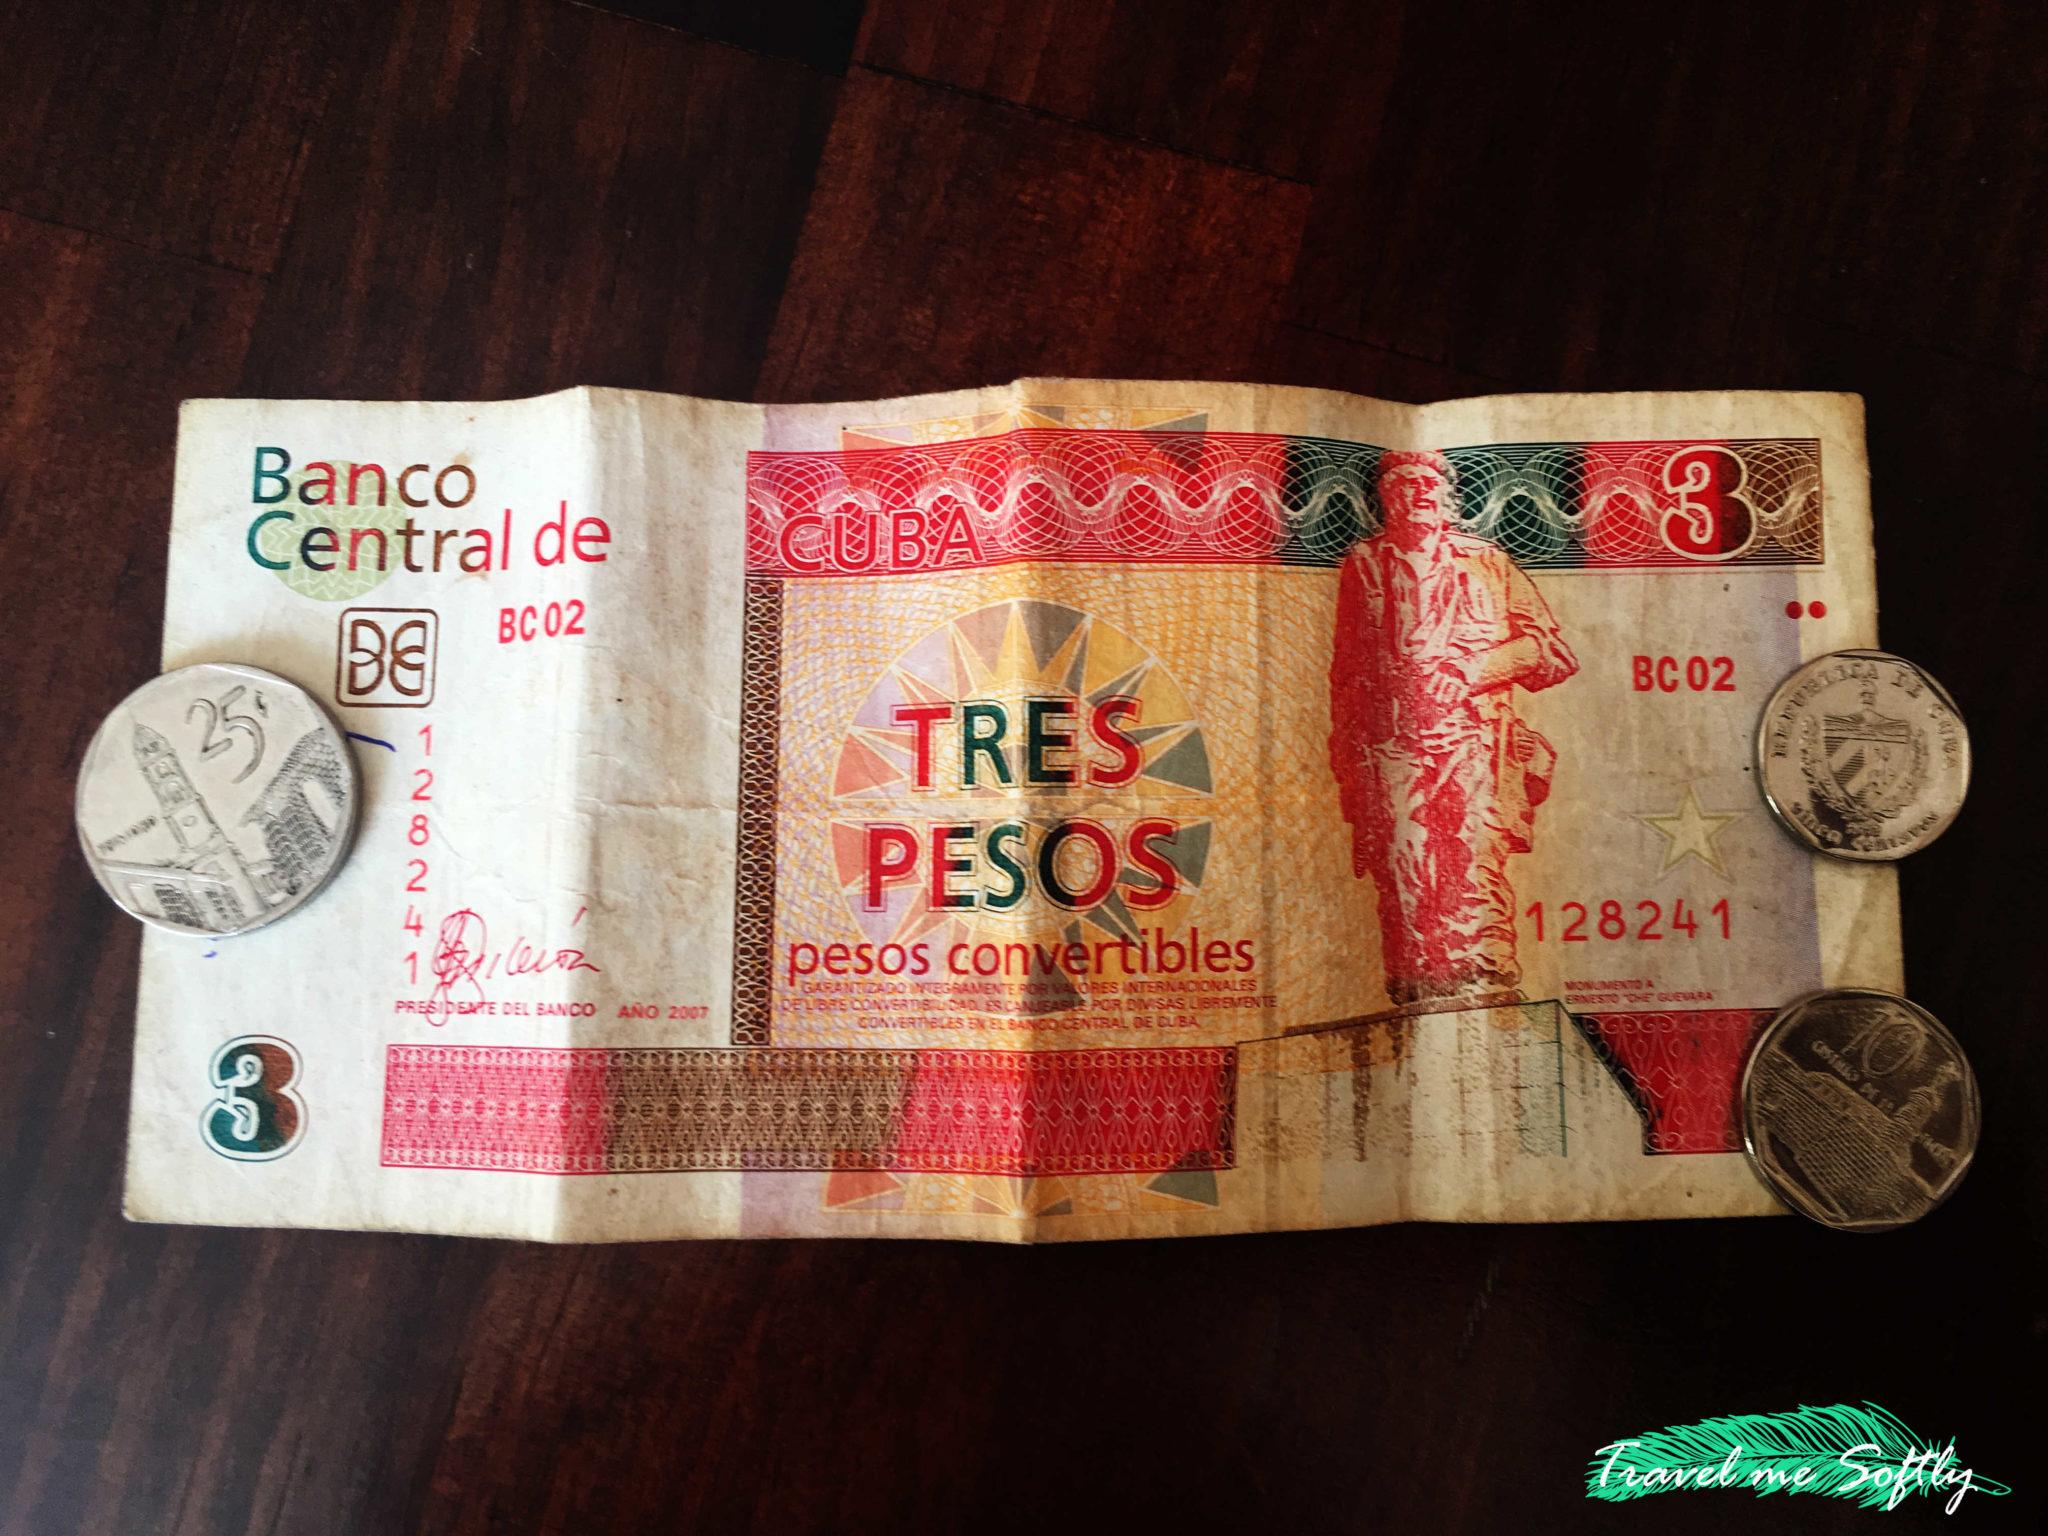 moneda cubana tres pesos convertibles